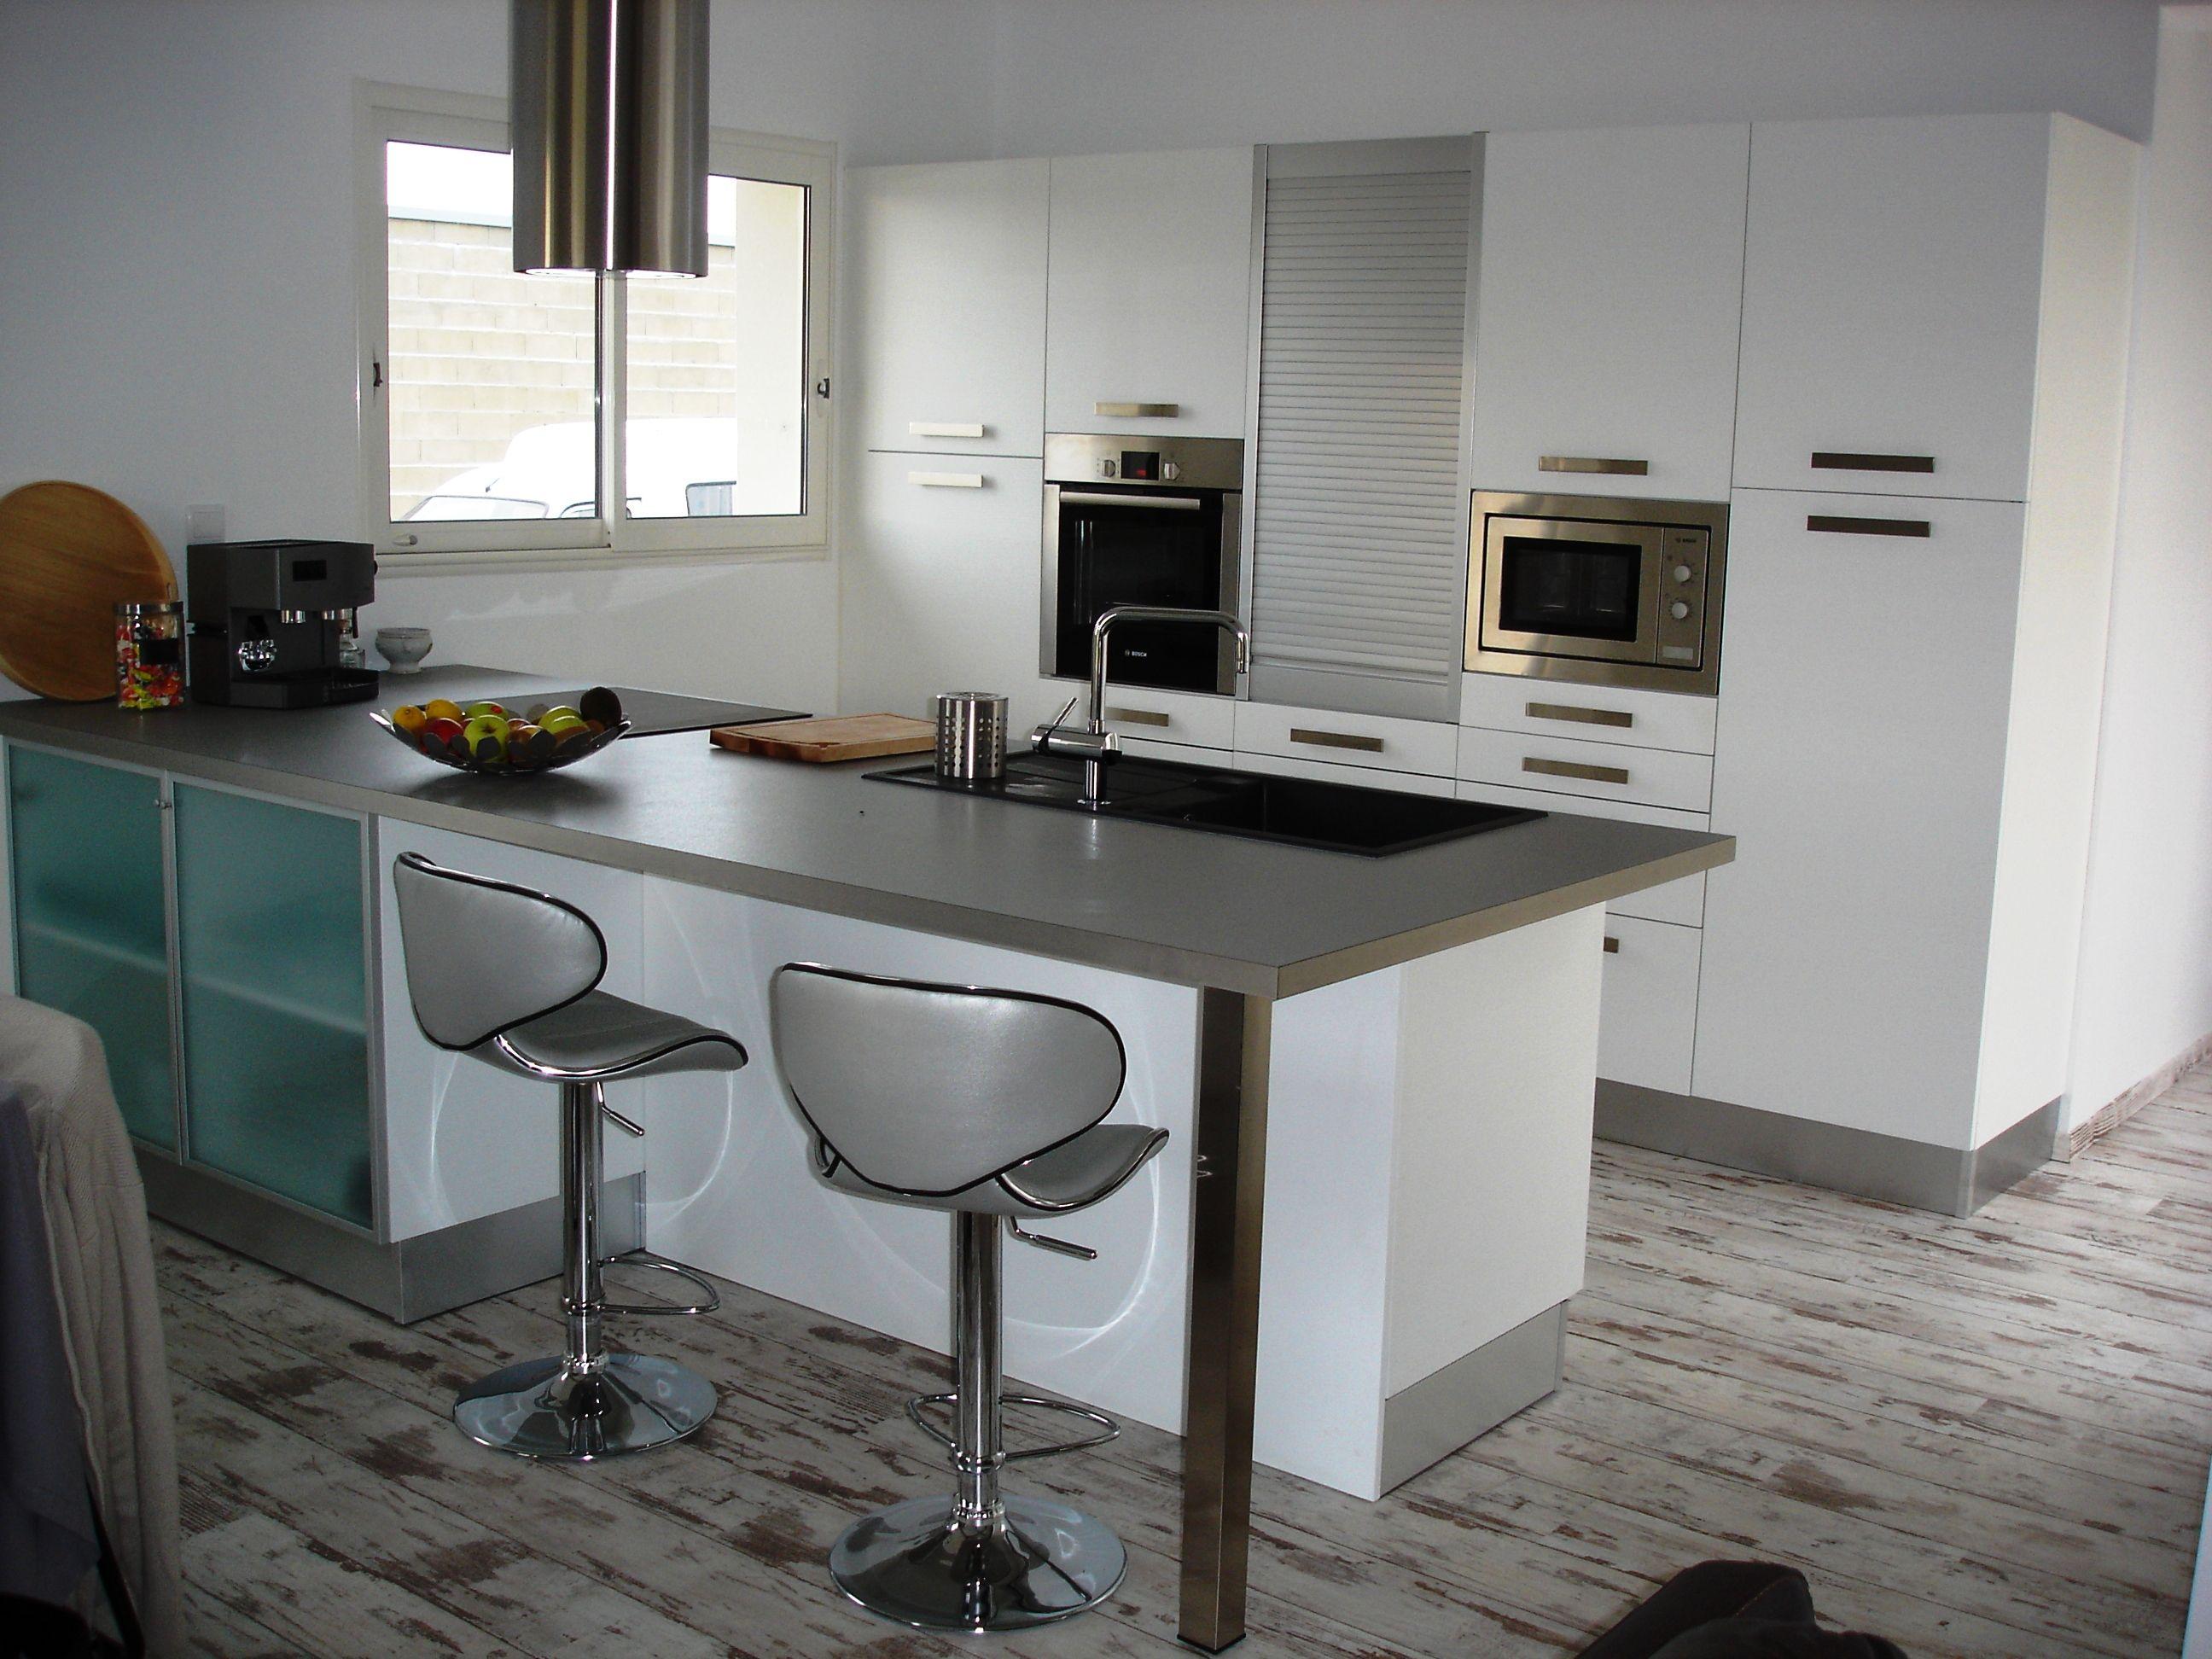 cuisine blanche avec plan de travail gris clair. Black Bedroom Furniture Sets. Home Design Ideas